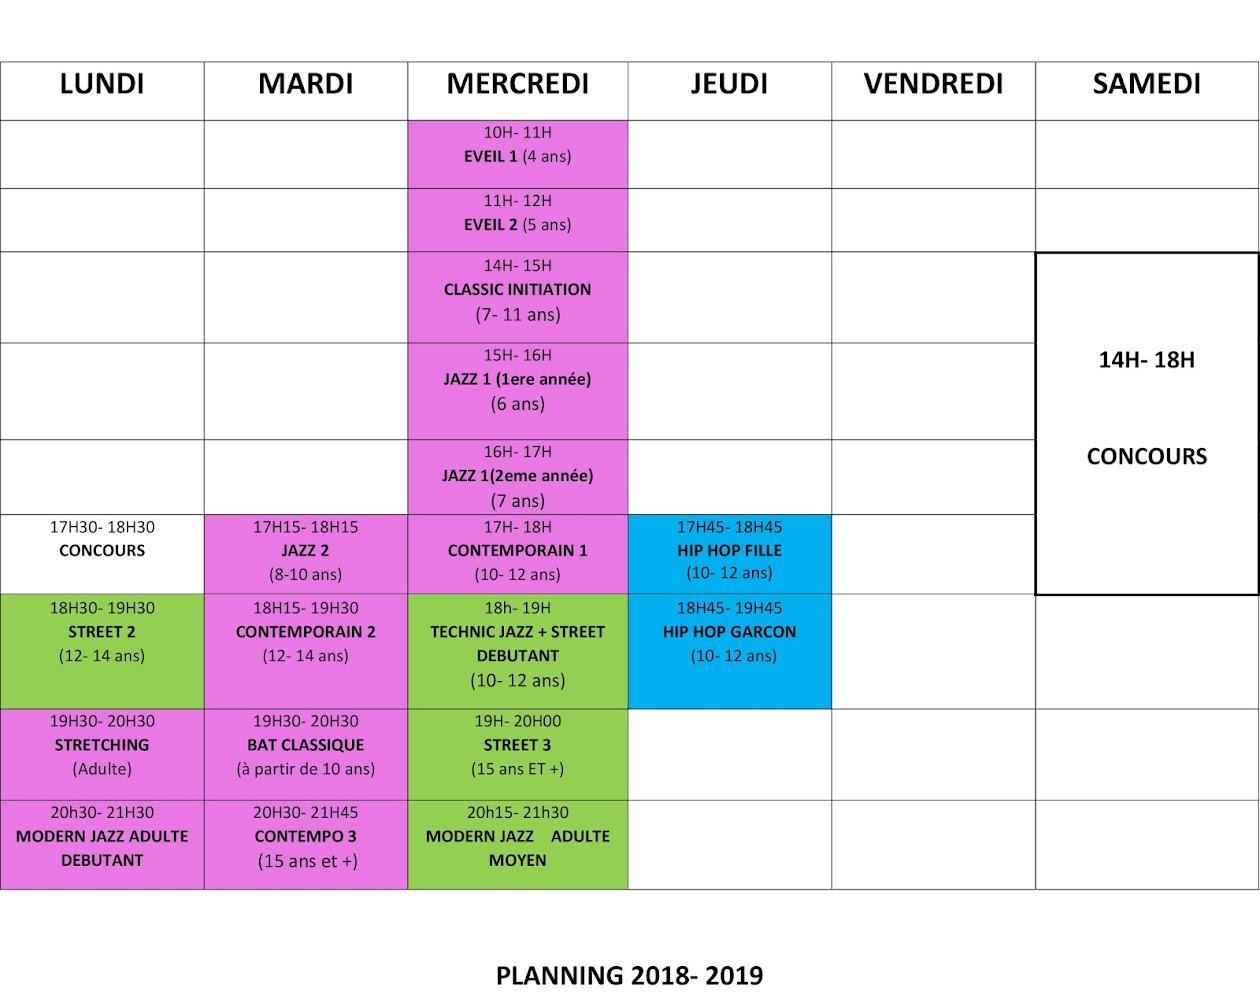 PLANNING 2018 / 2019